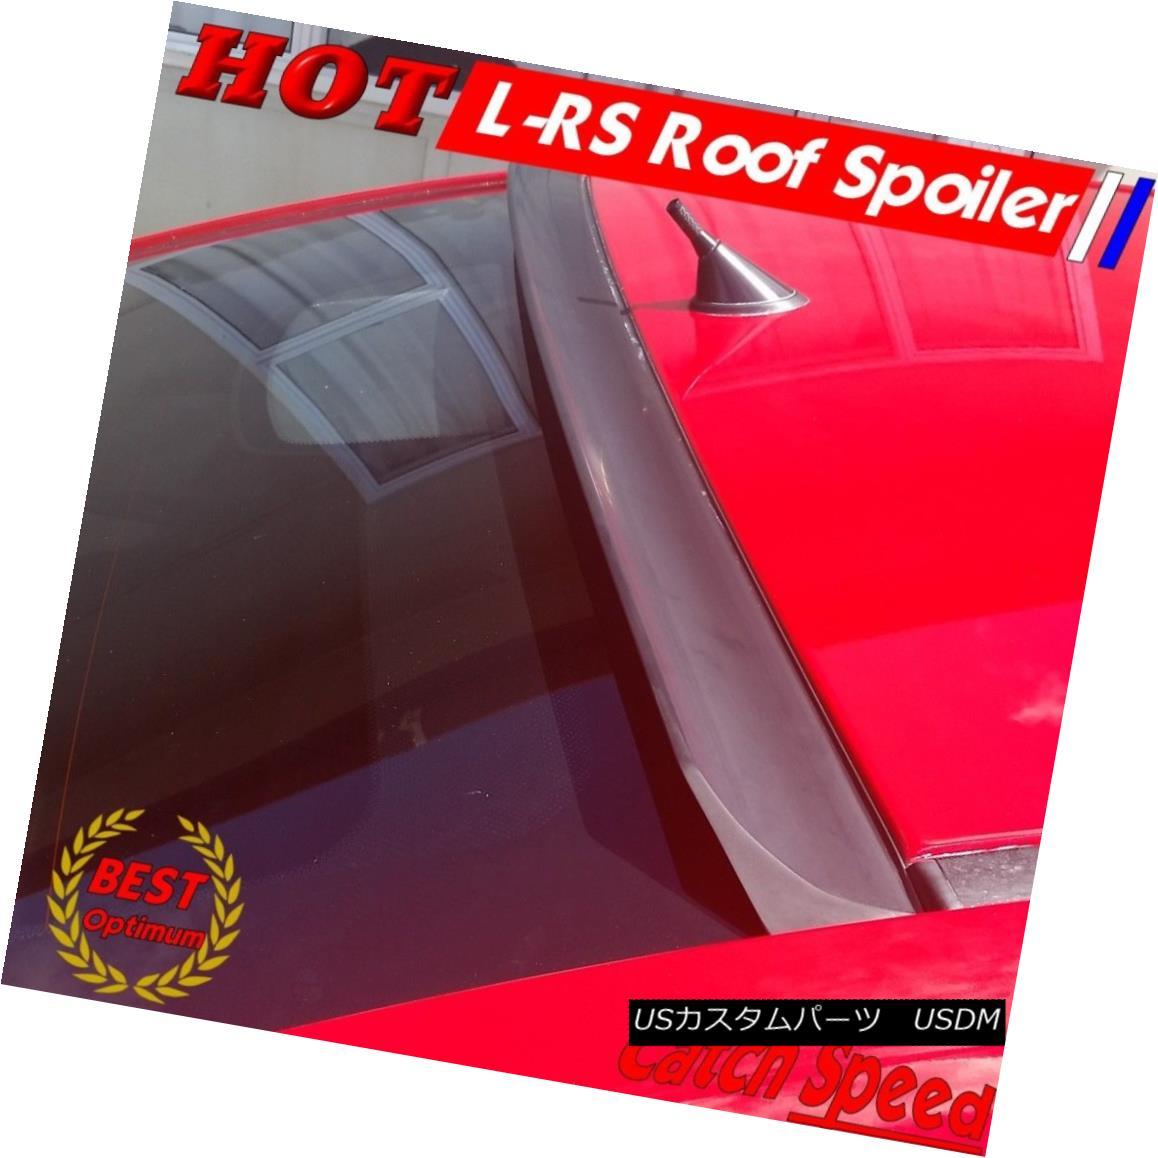 エアロパーツ Flat Black LRS Type Rear Roof Spoiler W For Chevrolet Cavalier 1995-1999 COUPE ? フラットブラックLRSタイプリアルーフスポイラーWシボレーキャバリア用1995-1999 COUPE?